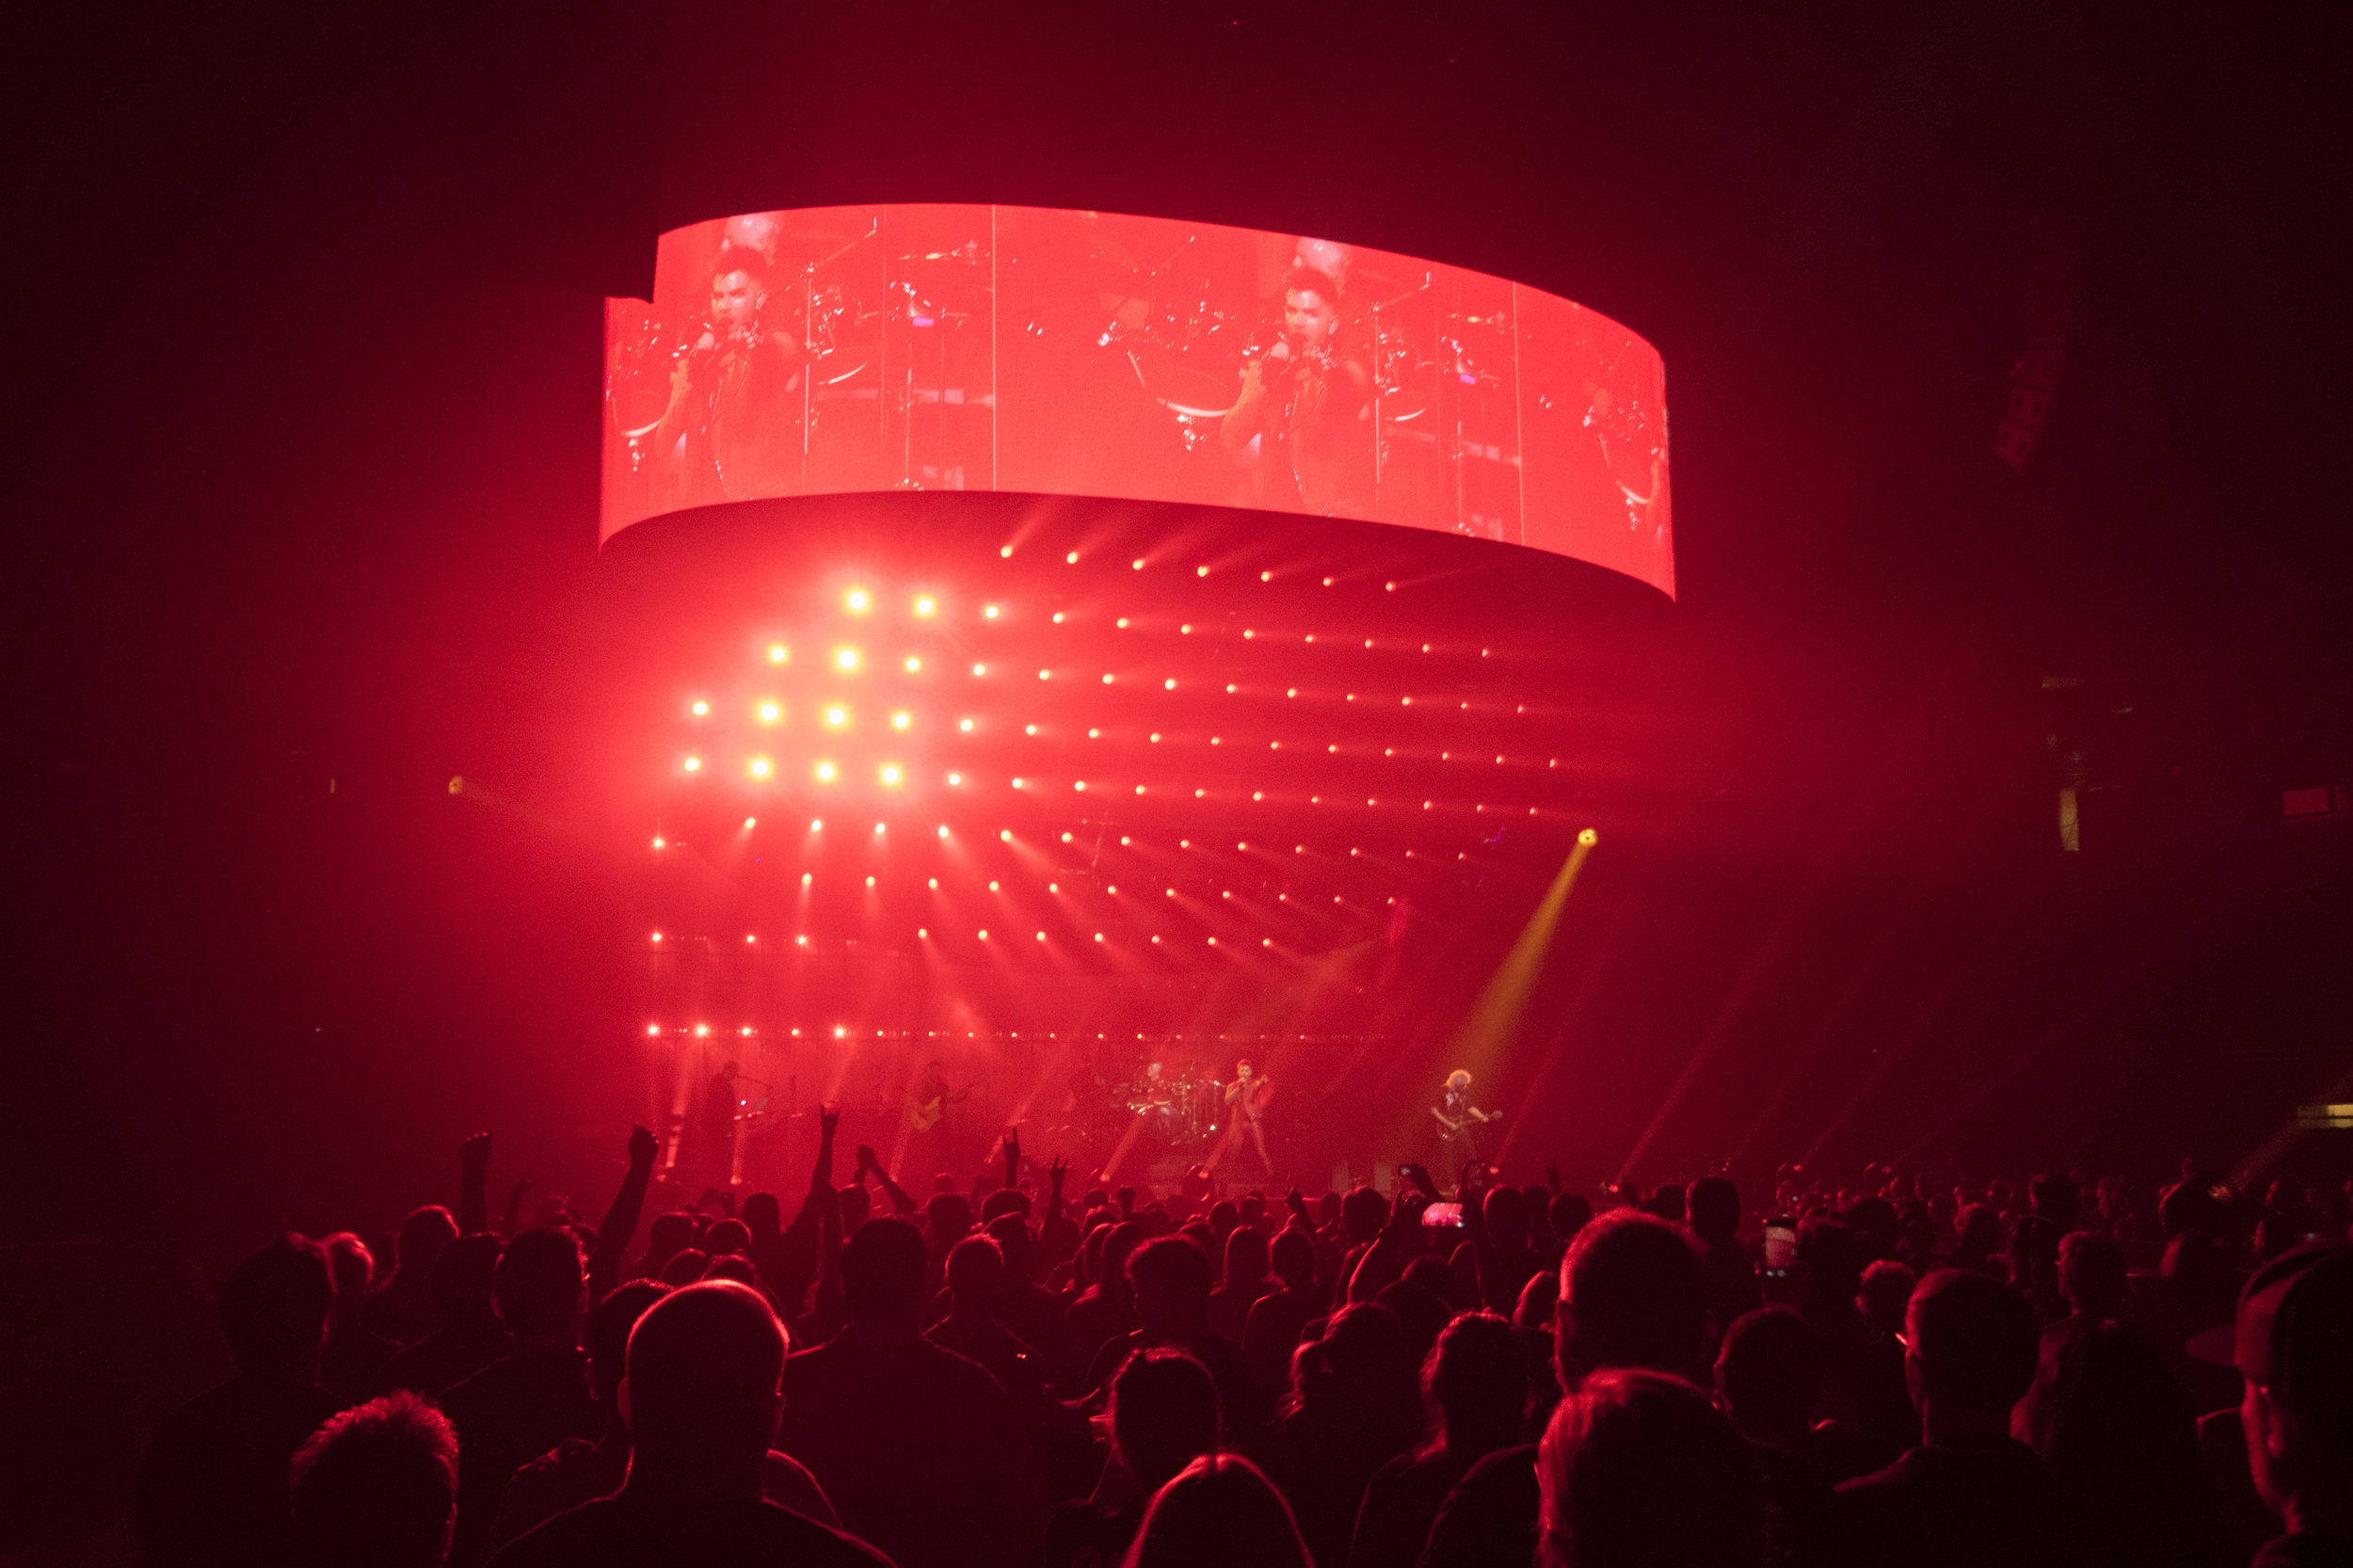 Queen + Adam Lambert, Las Vegas, 2017